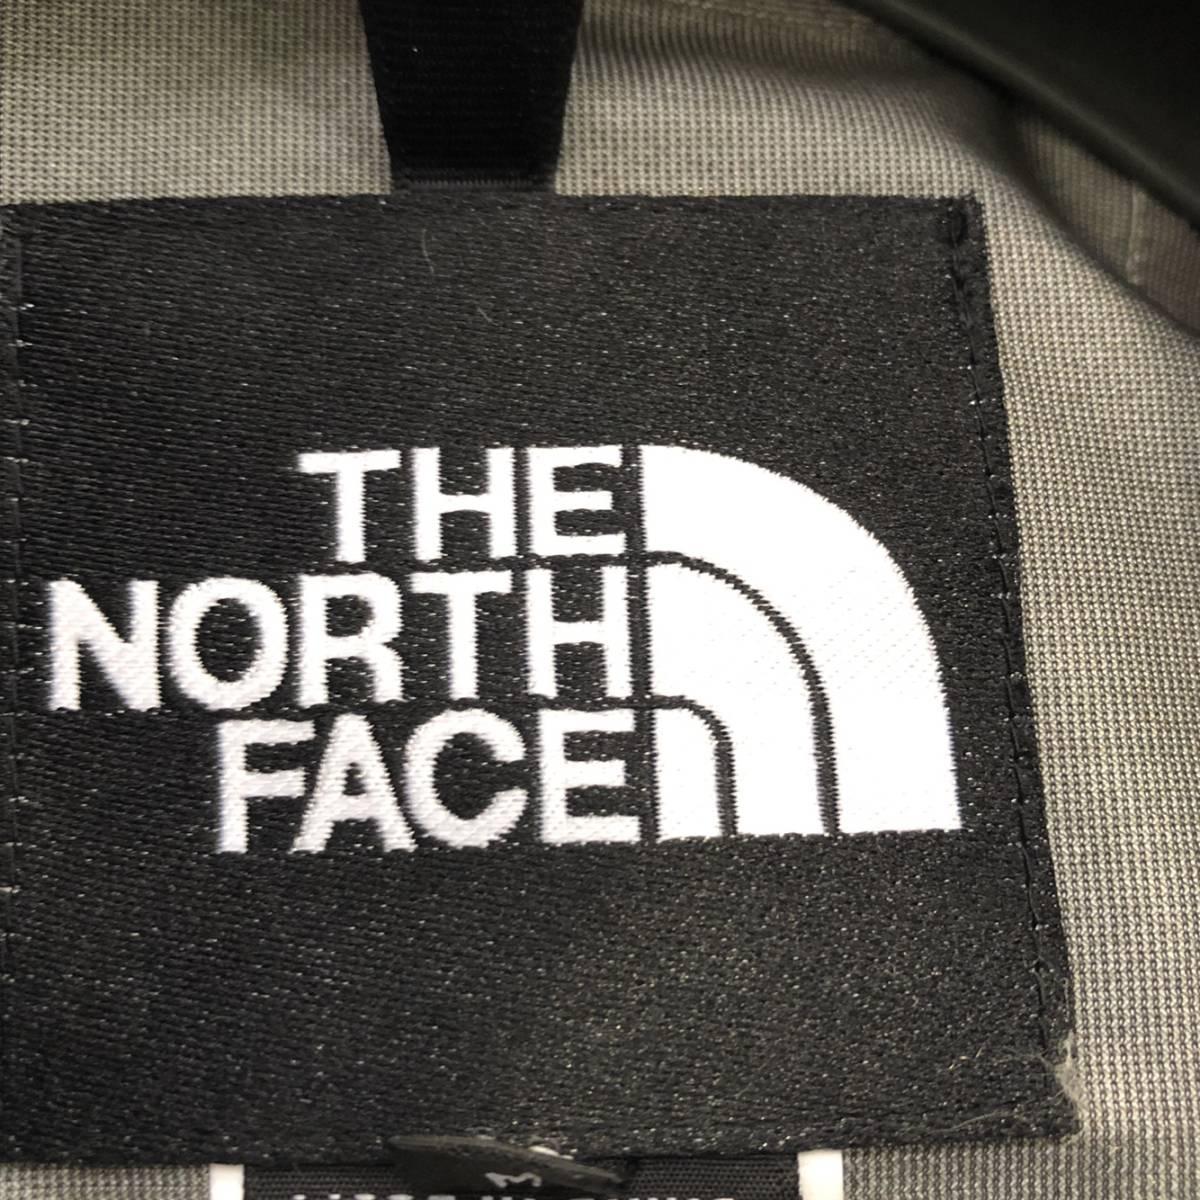 ND333 ノースフェイス GORE-TEX ジャケット マウンテンパーカー メンズ Mサイズ 正規品です。_画像9